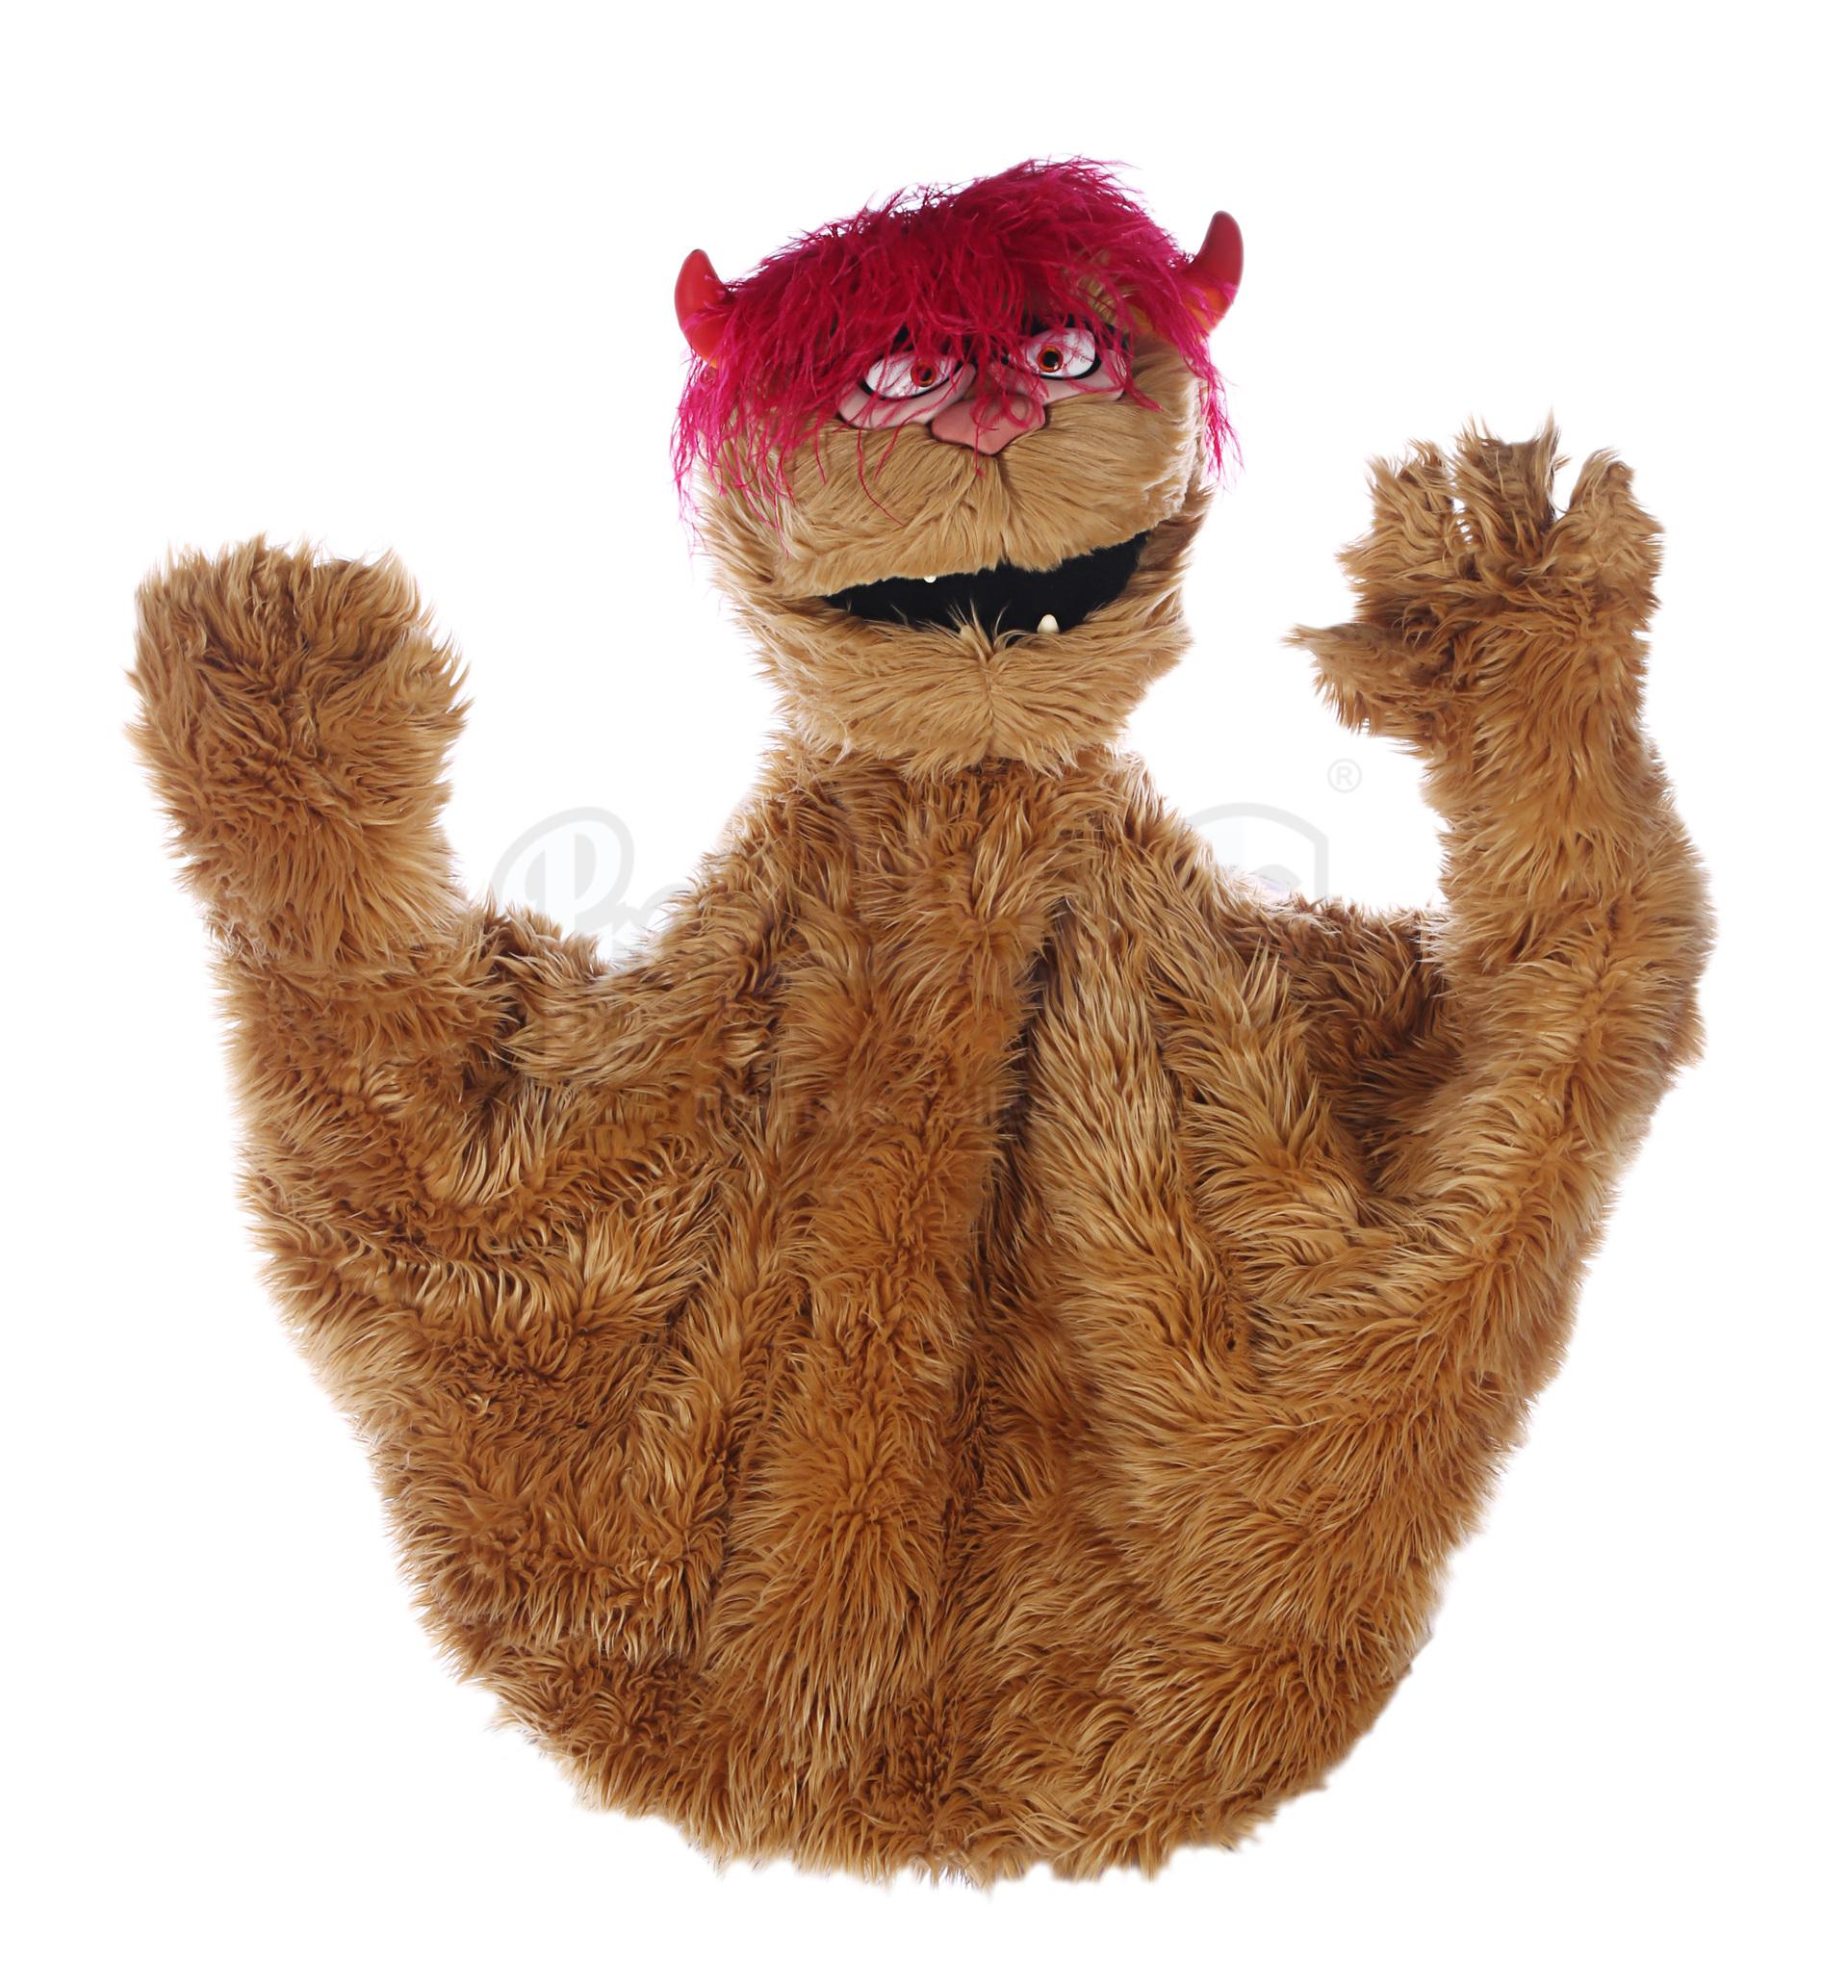 AVENUE Q (STAGE SHOW) - Trekkie Monster Puppet